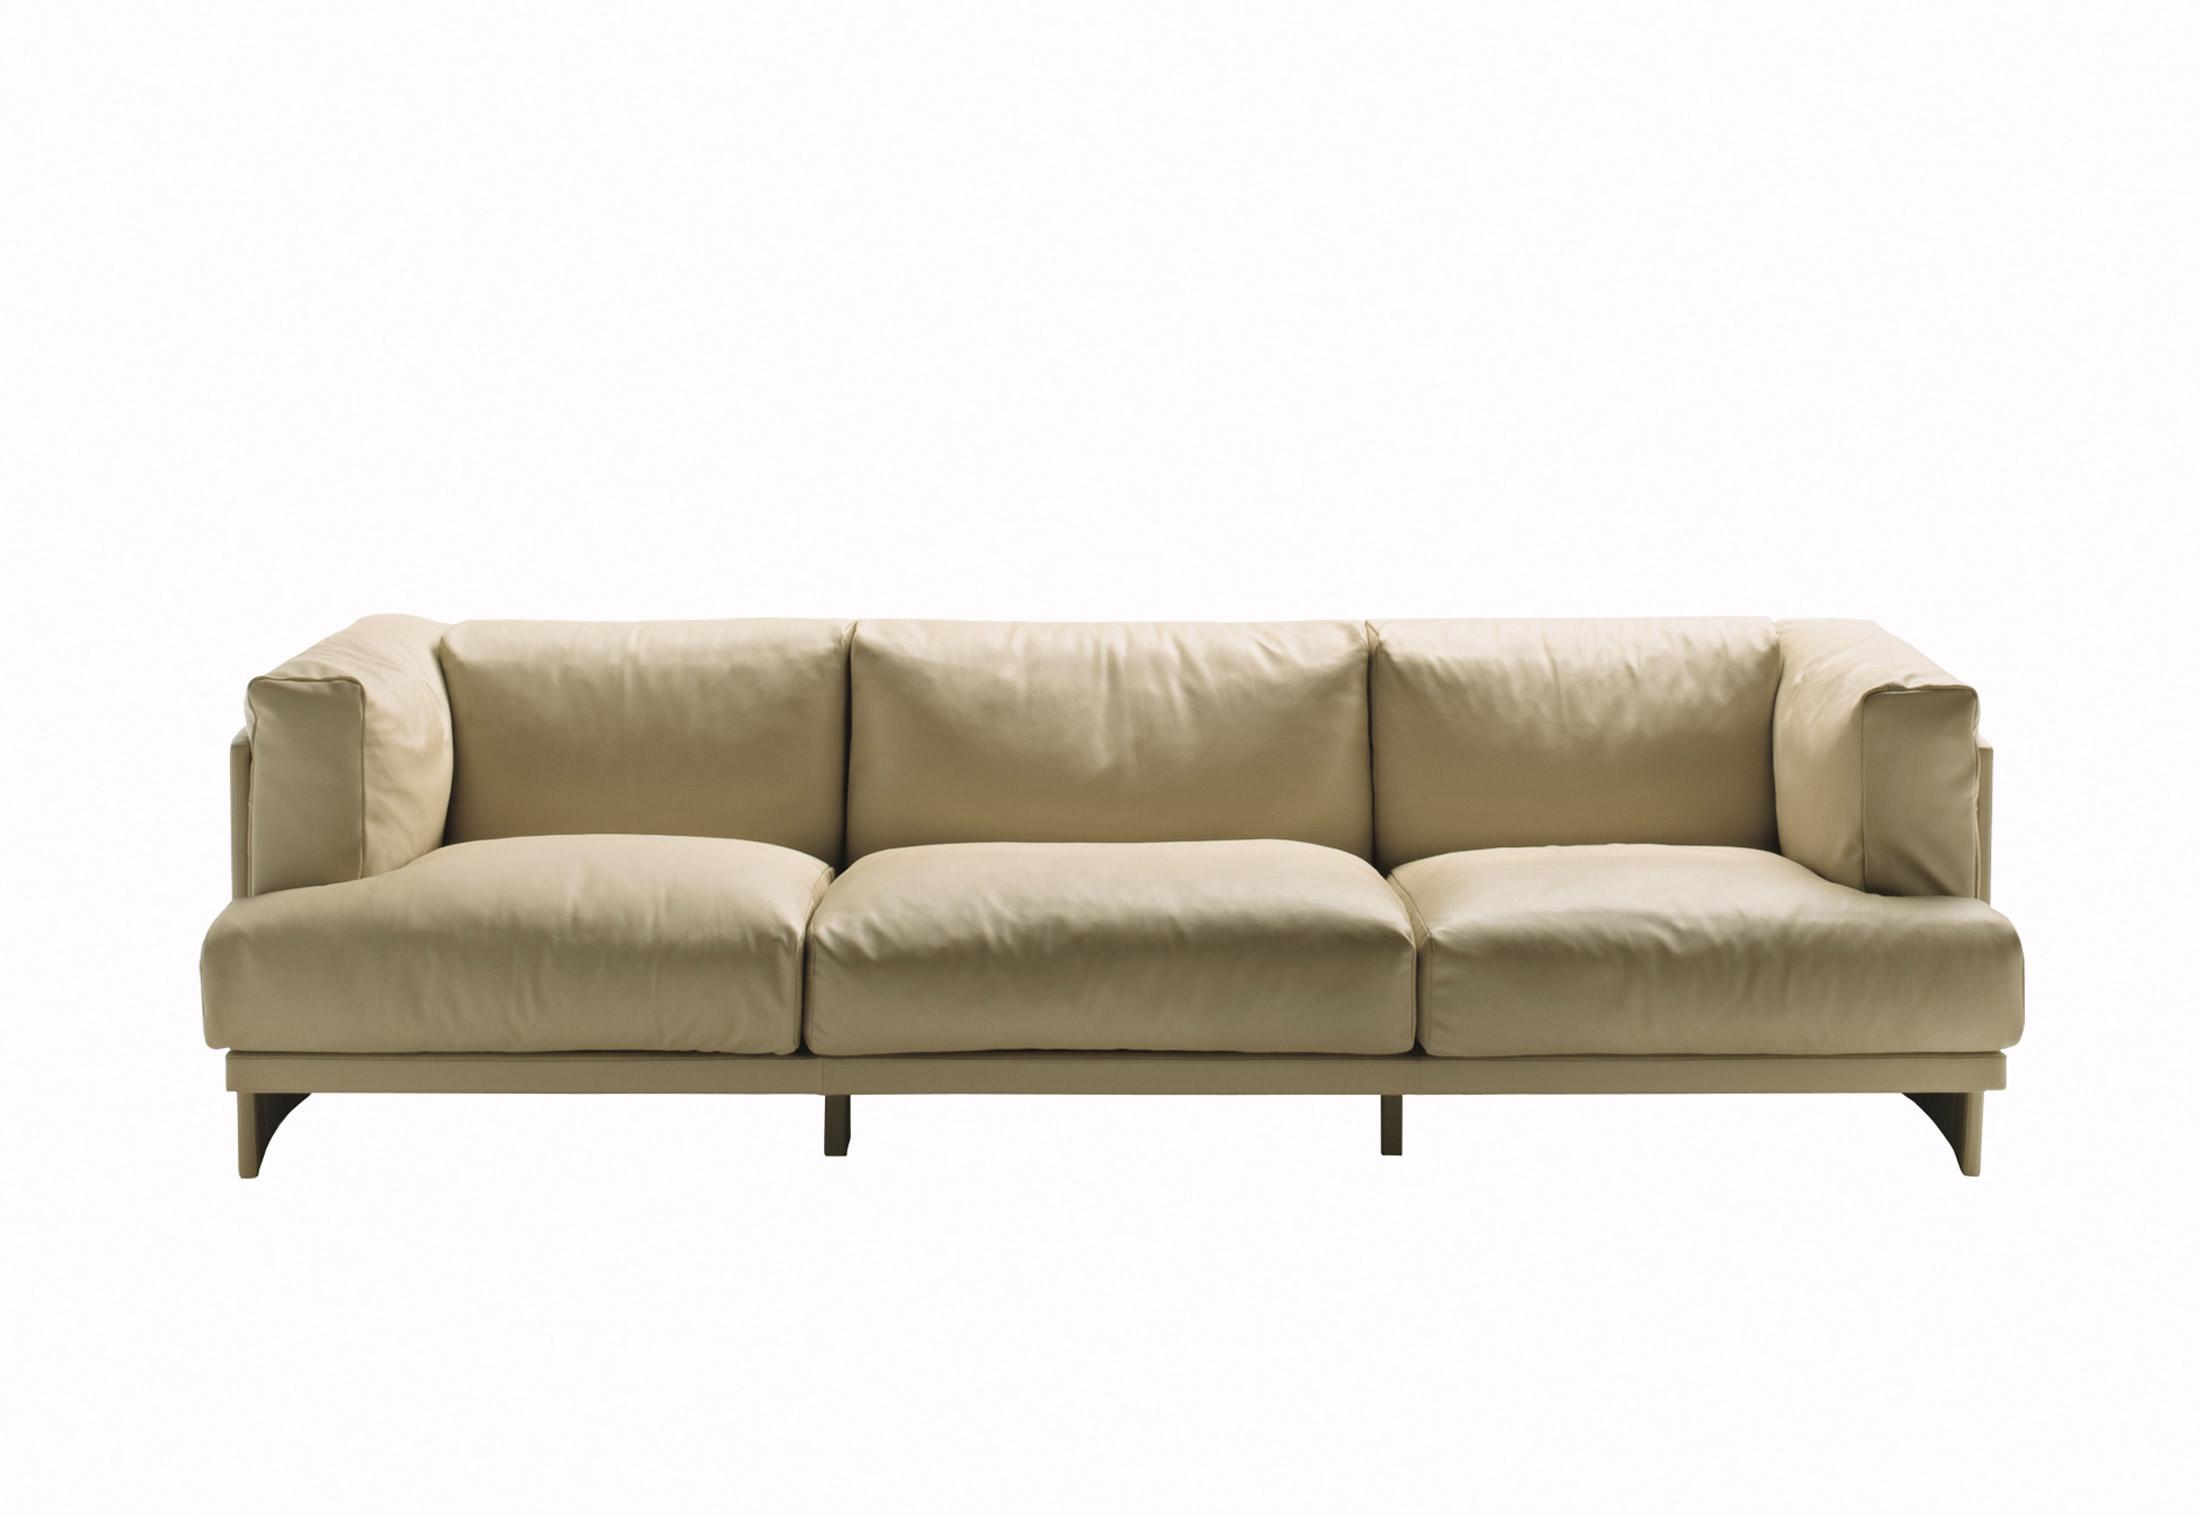 Polo di poltrona frau divani e poltrone arredamento for Divani frau